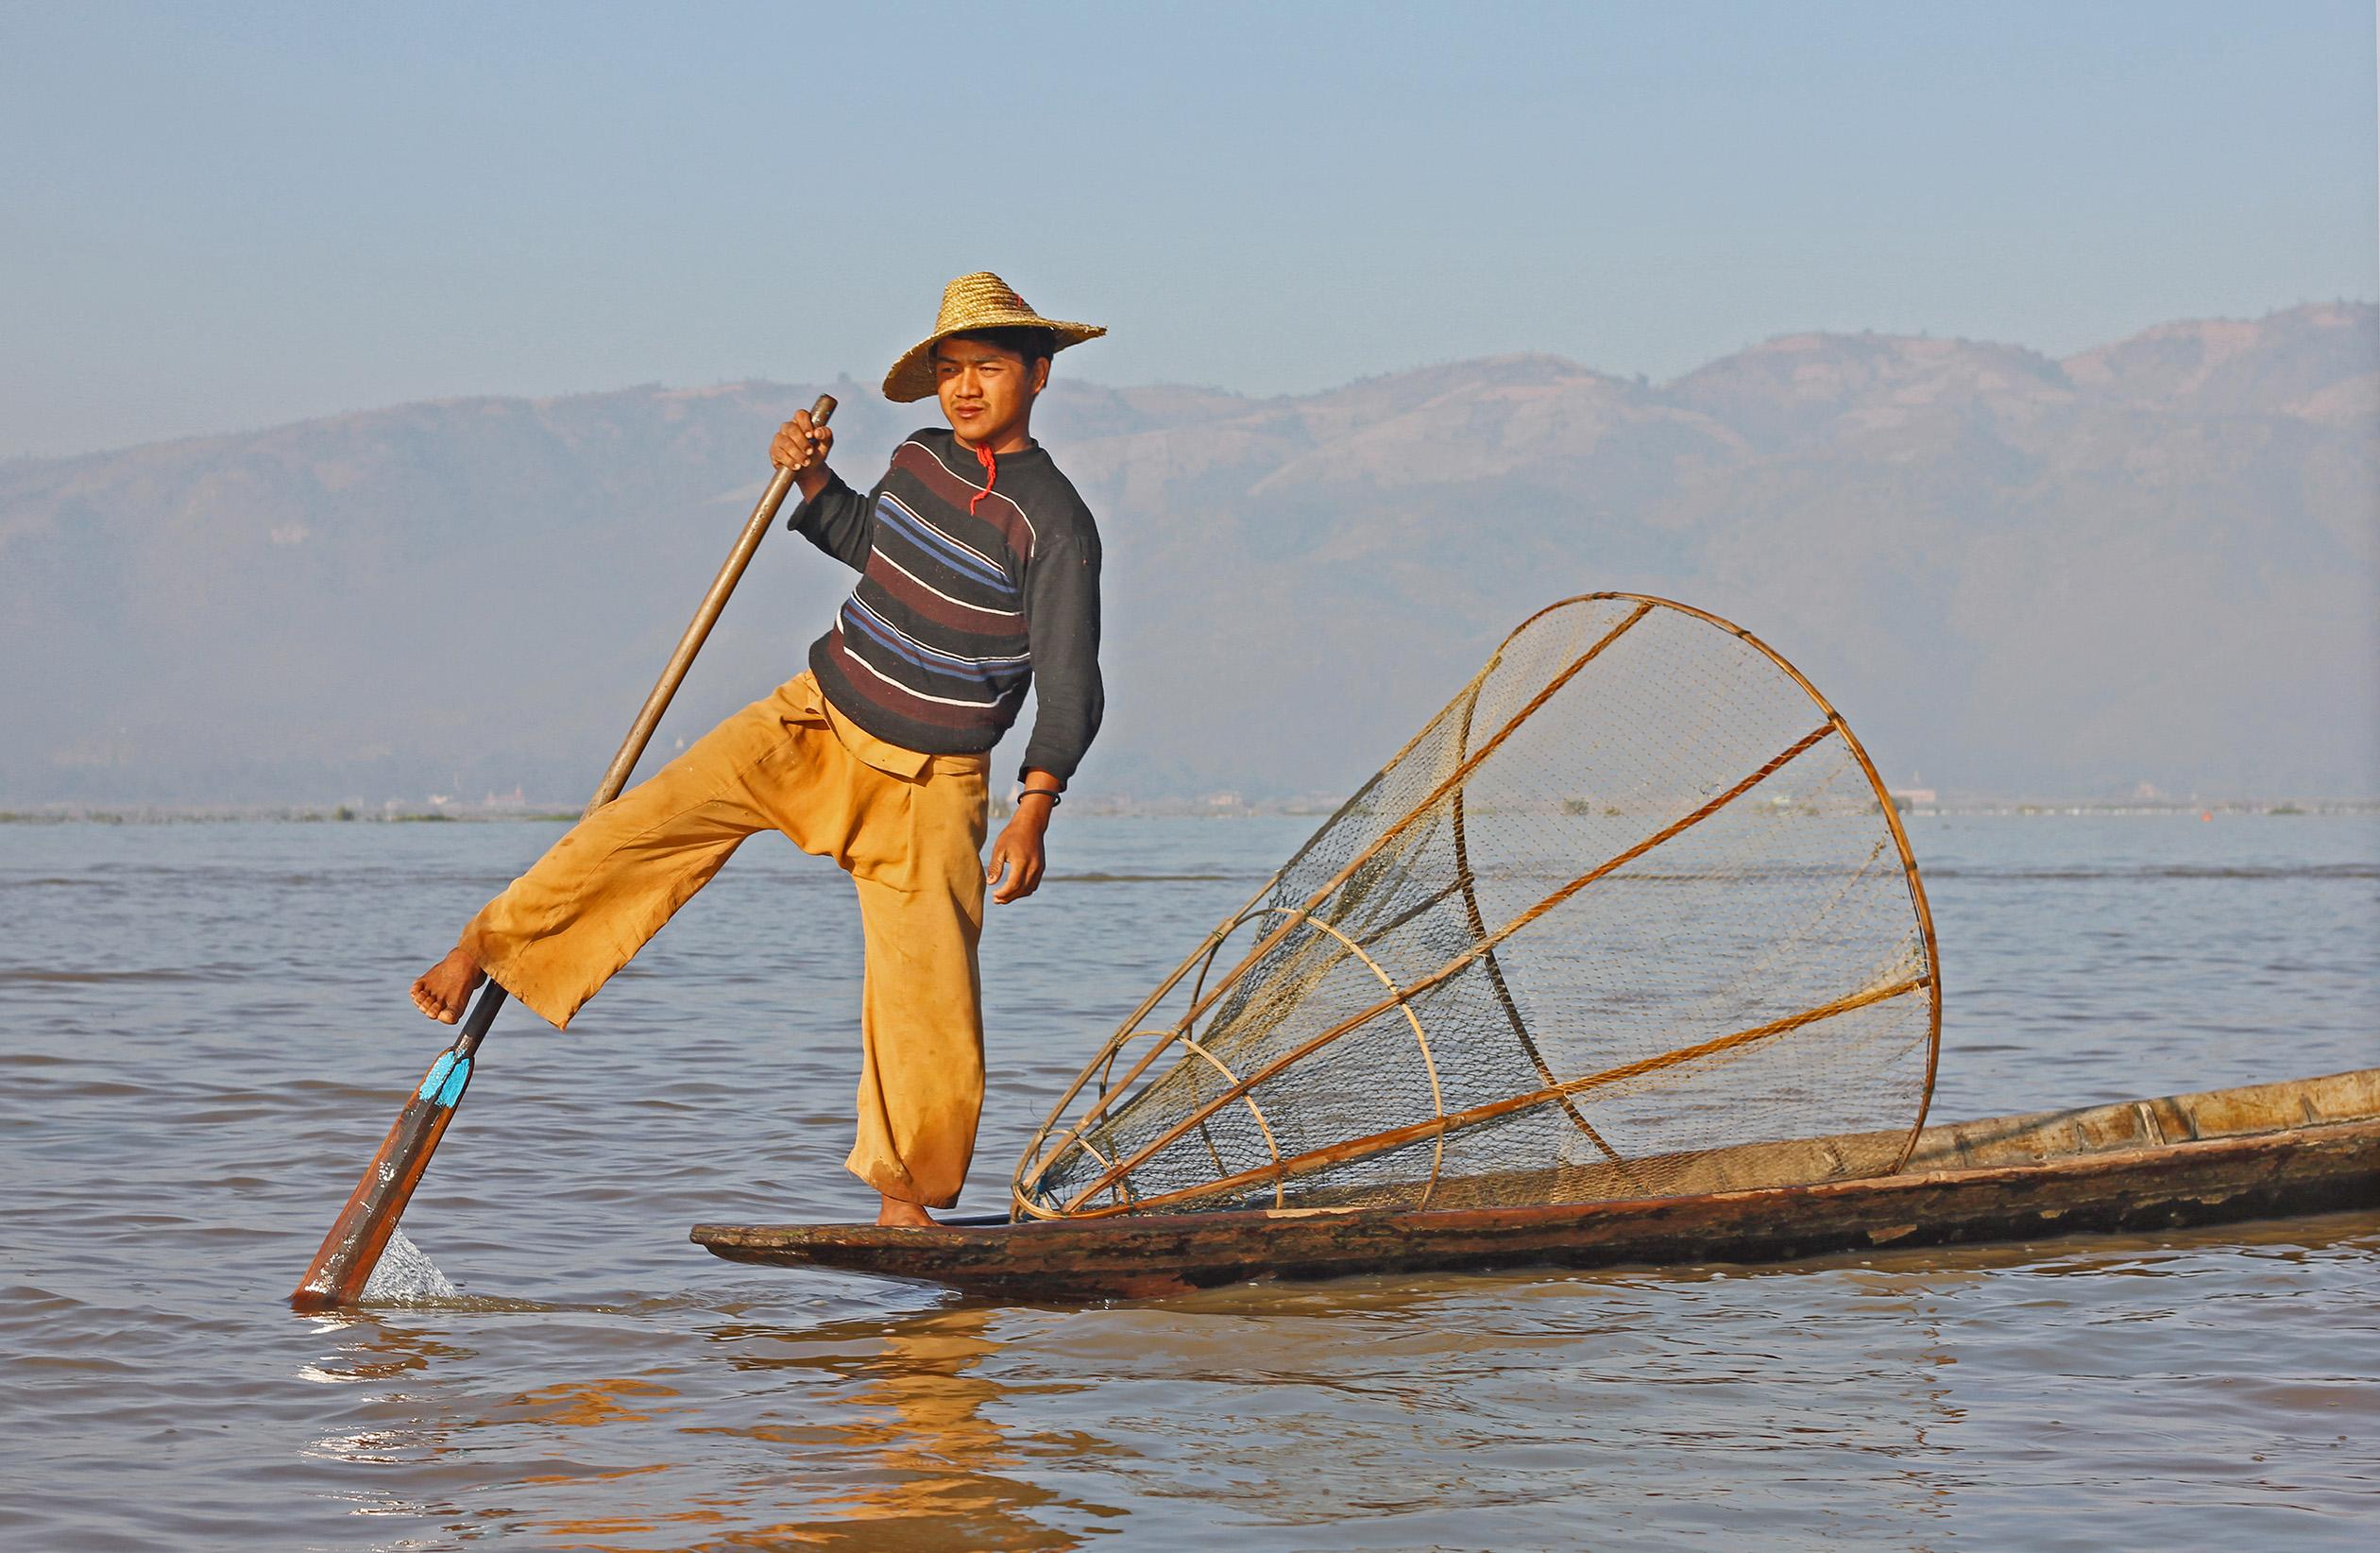 Fisher men photo